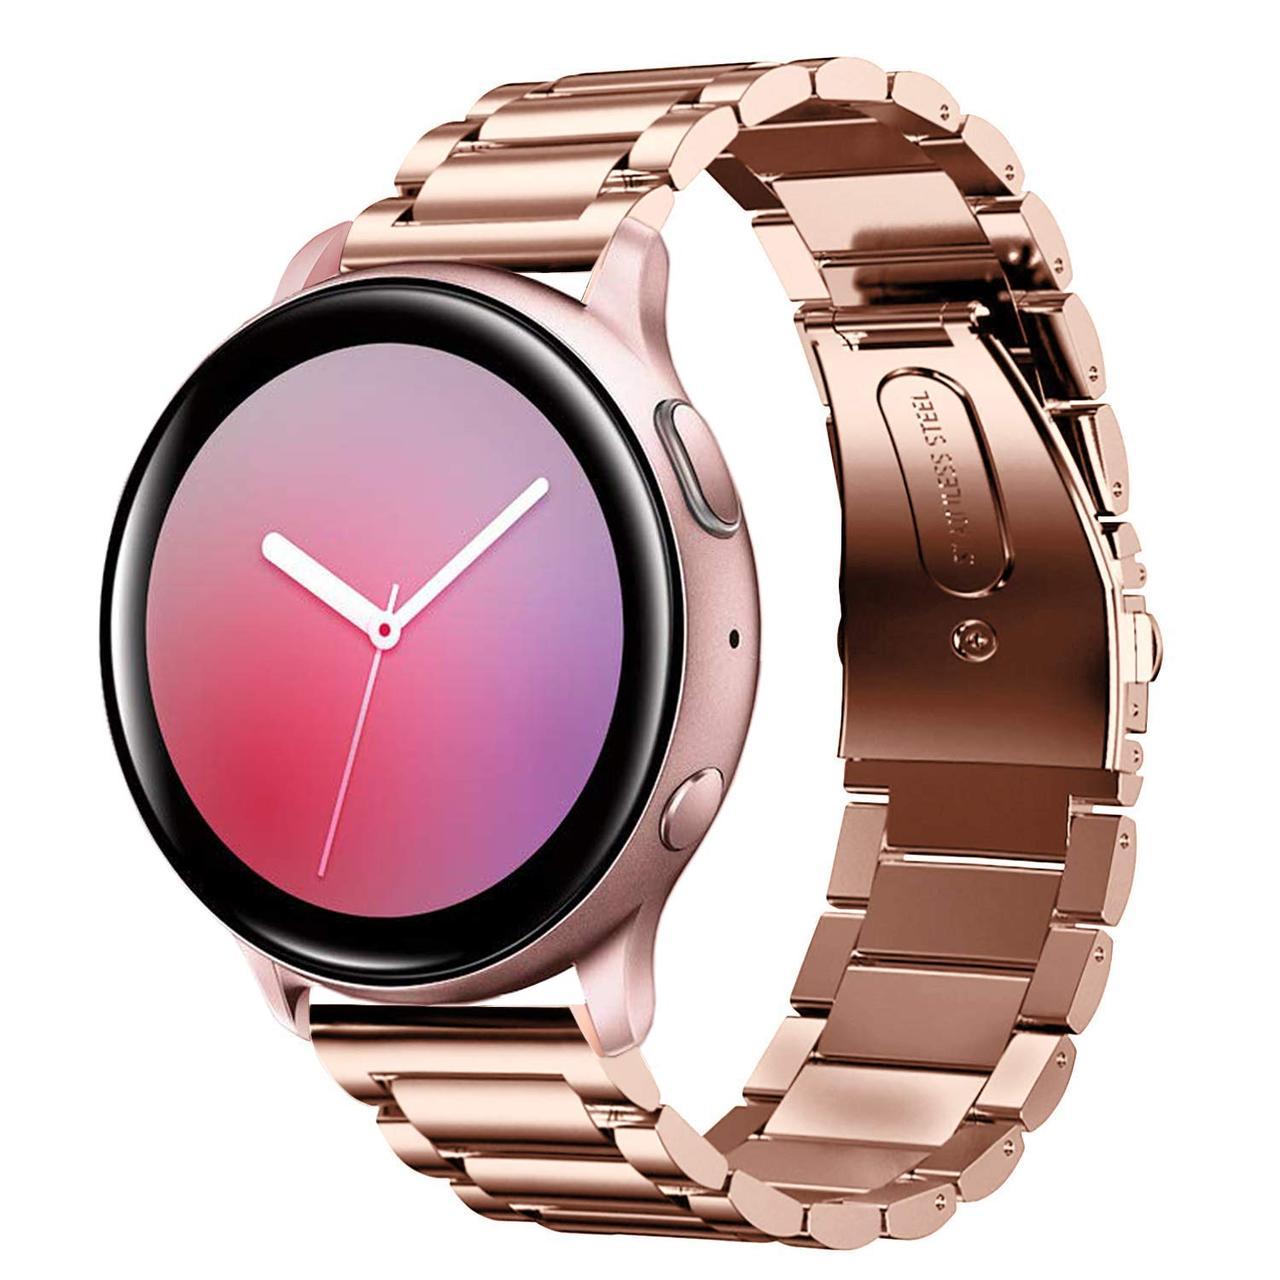 Ремінець сталевий BeWatch 20 мм для Samsung Galaxy Active/Active 2 40 mm Рожеве золото (1110438)